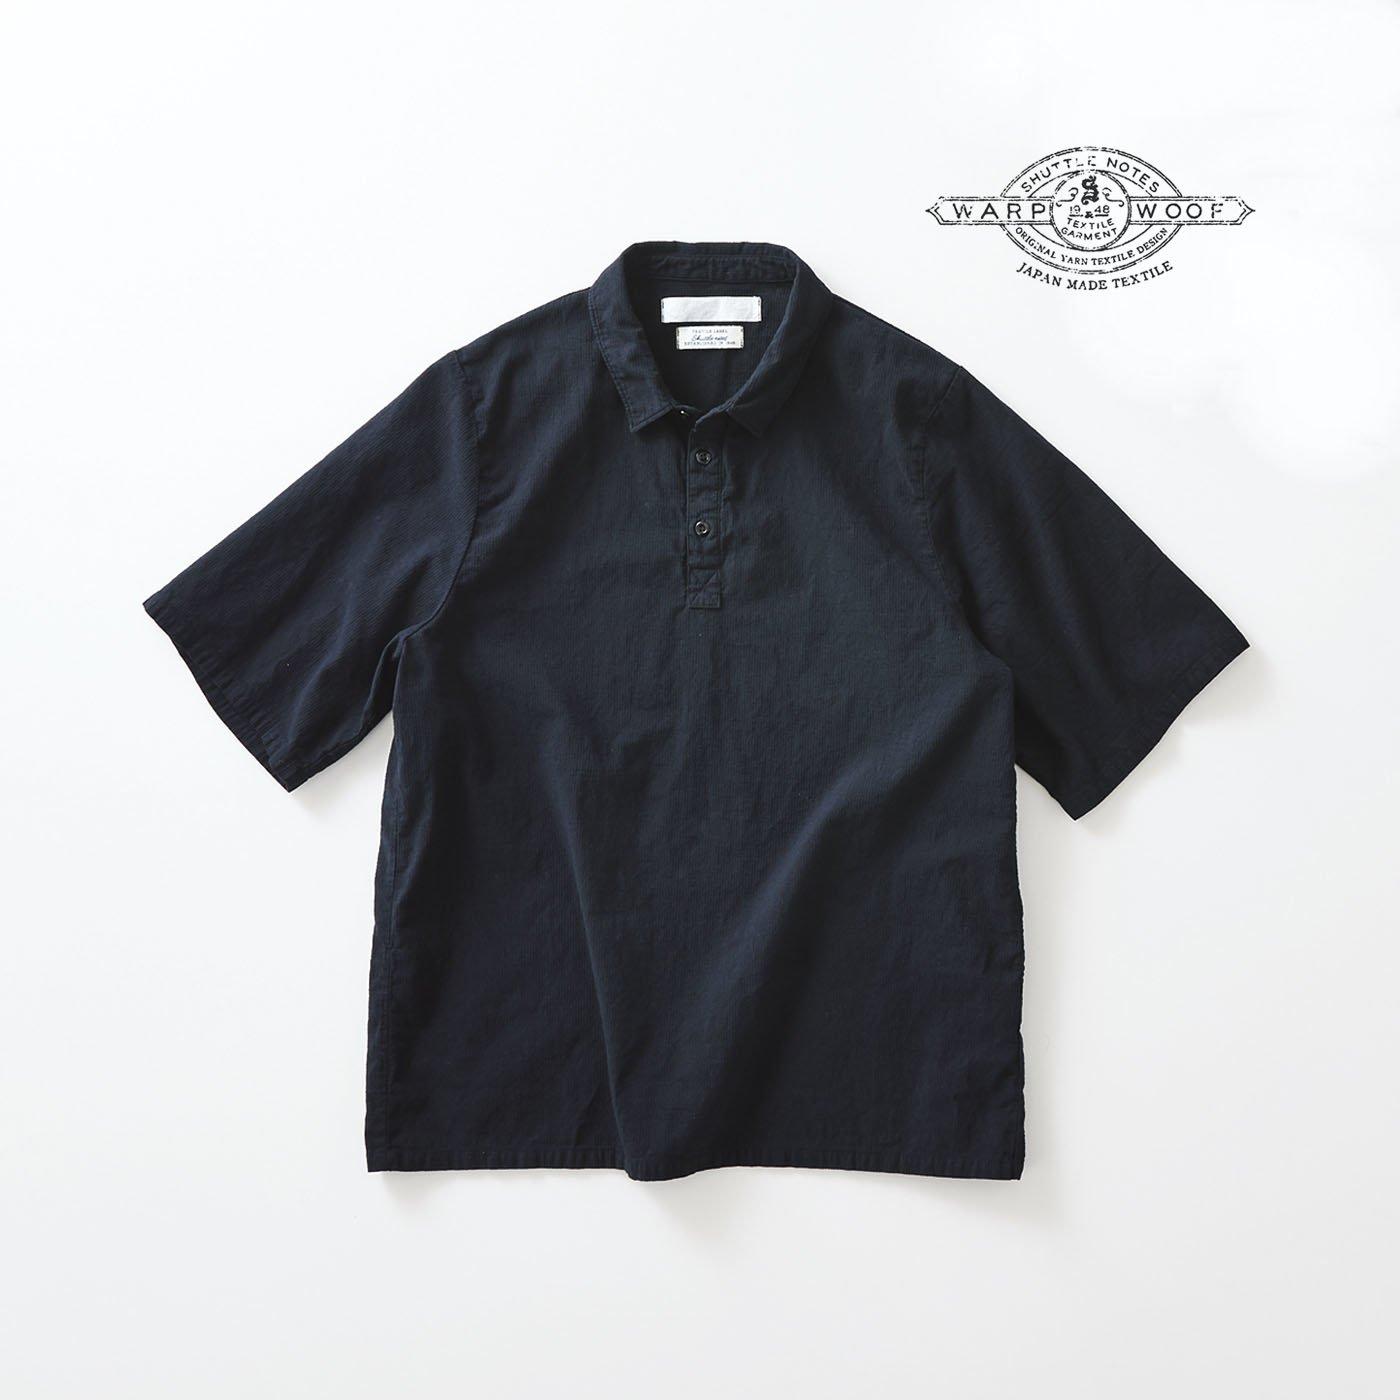 サニークラウズ feat. Shuttle Notes ポロシャツ風シャツ〈メンズ〉